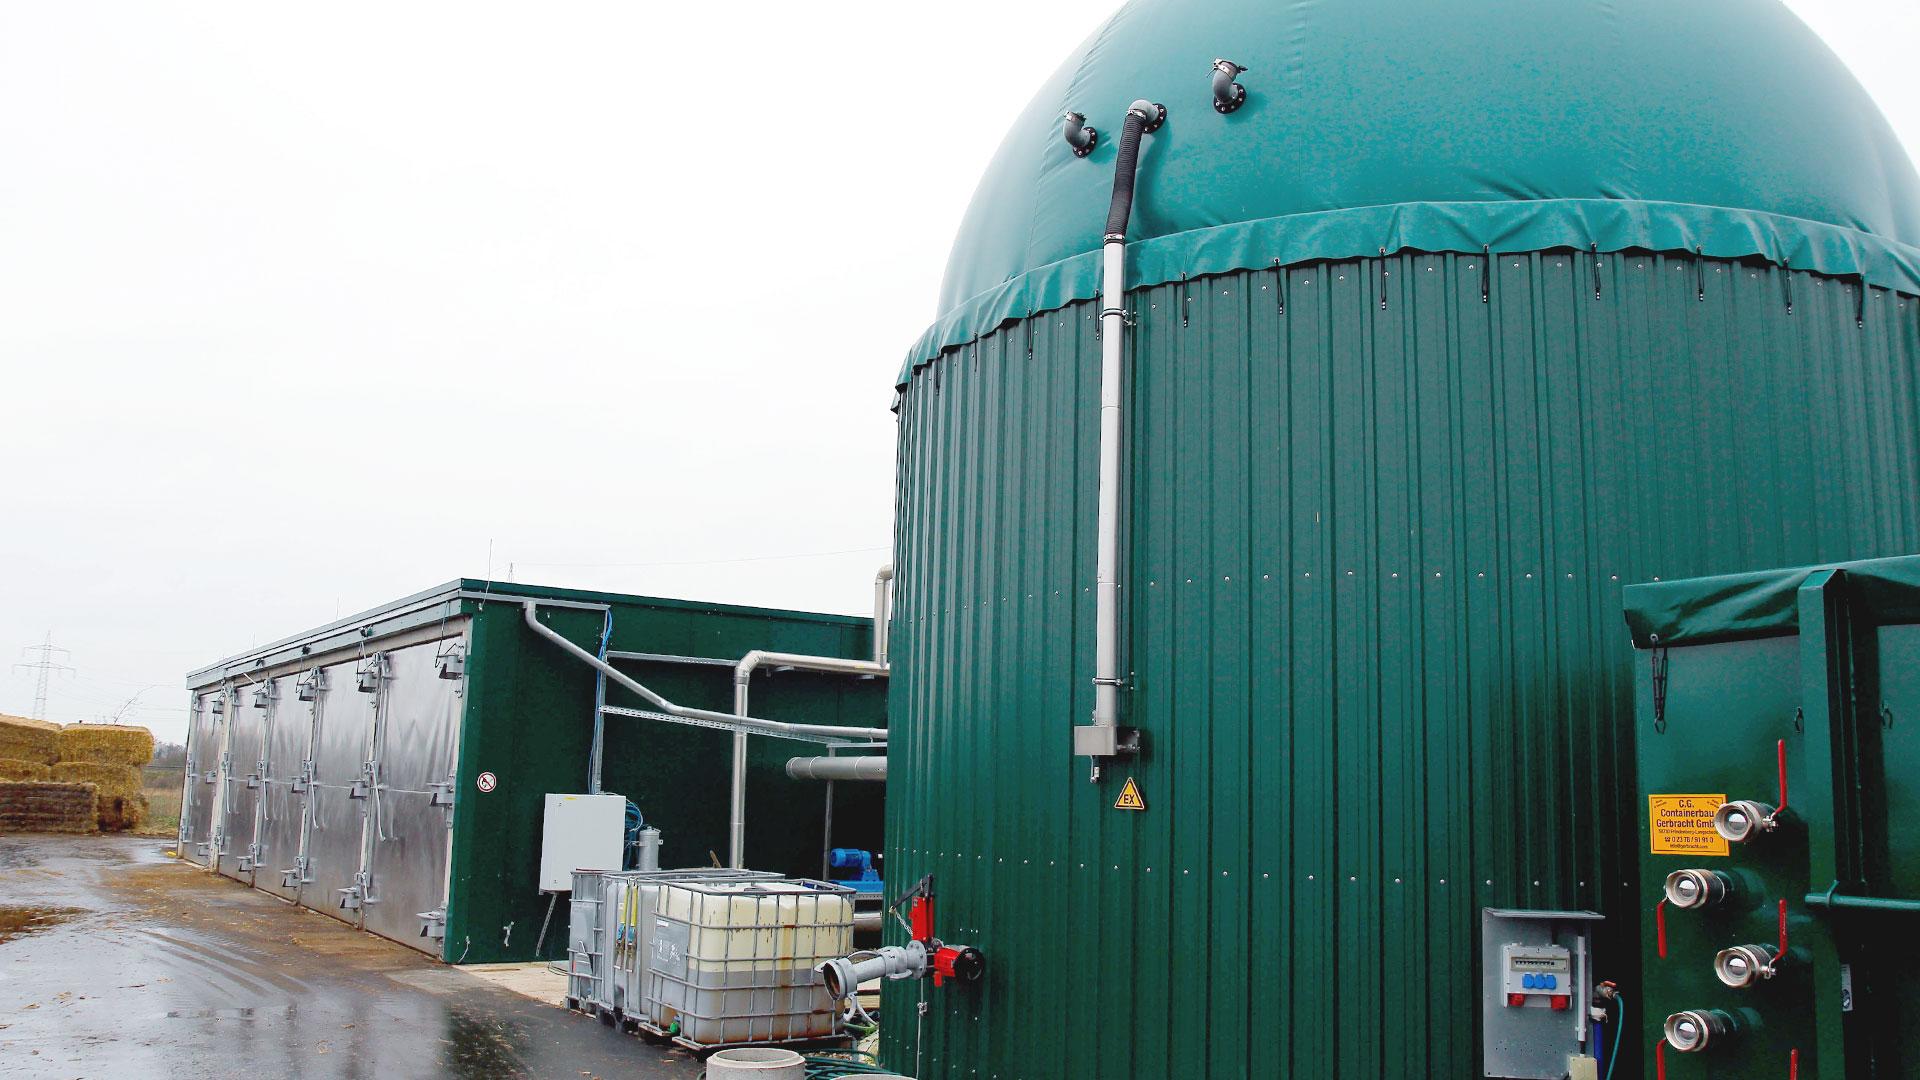 Biogaskleinanlage Pferdemist